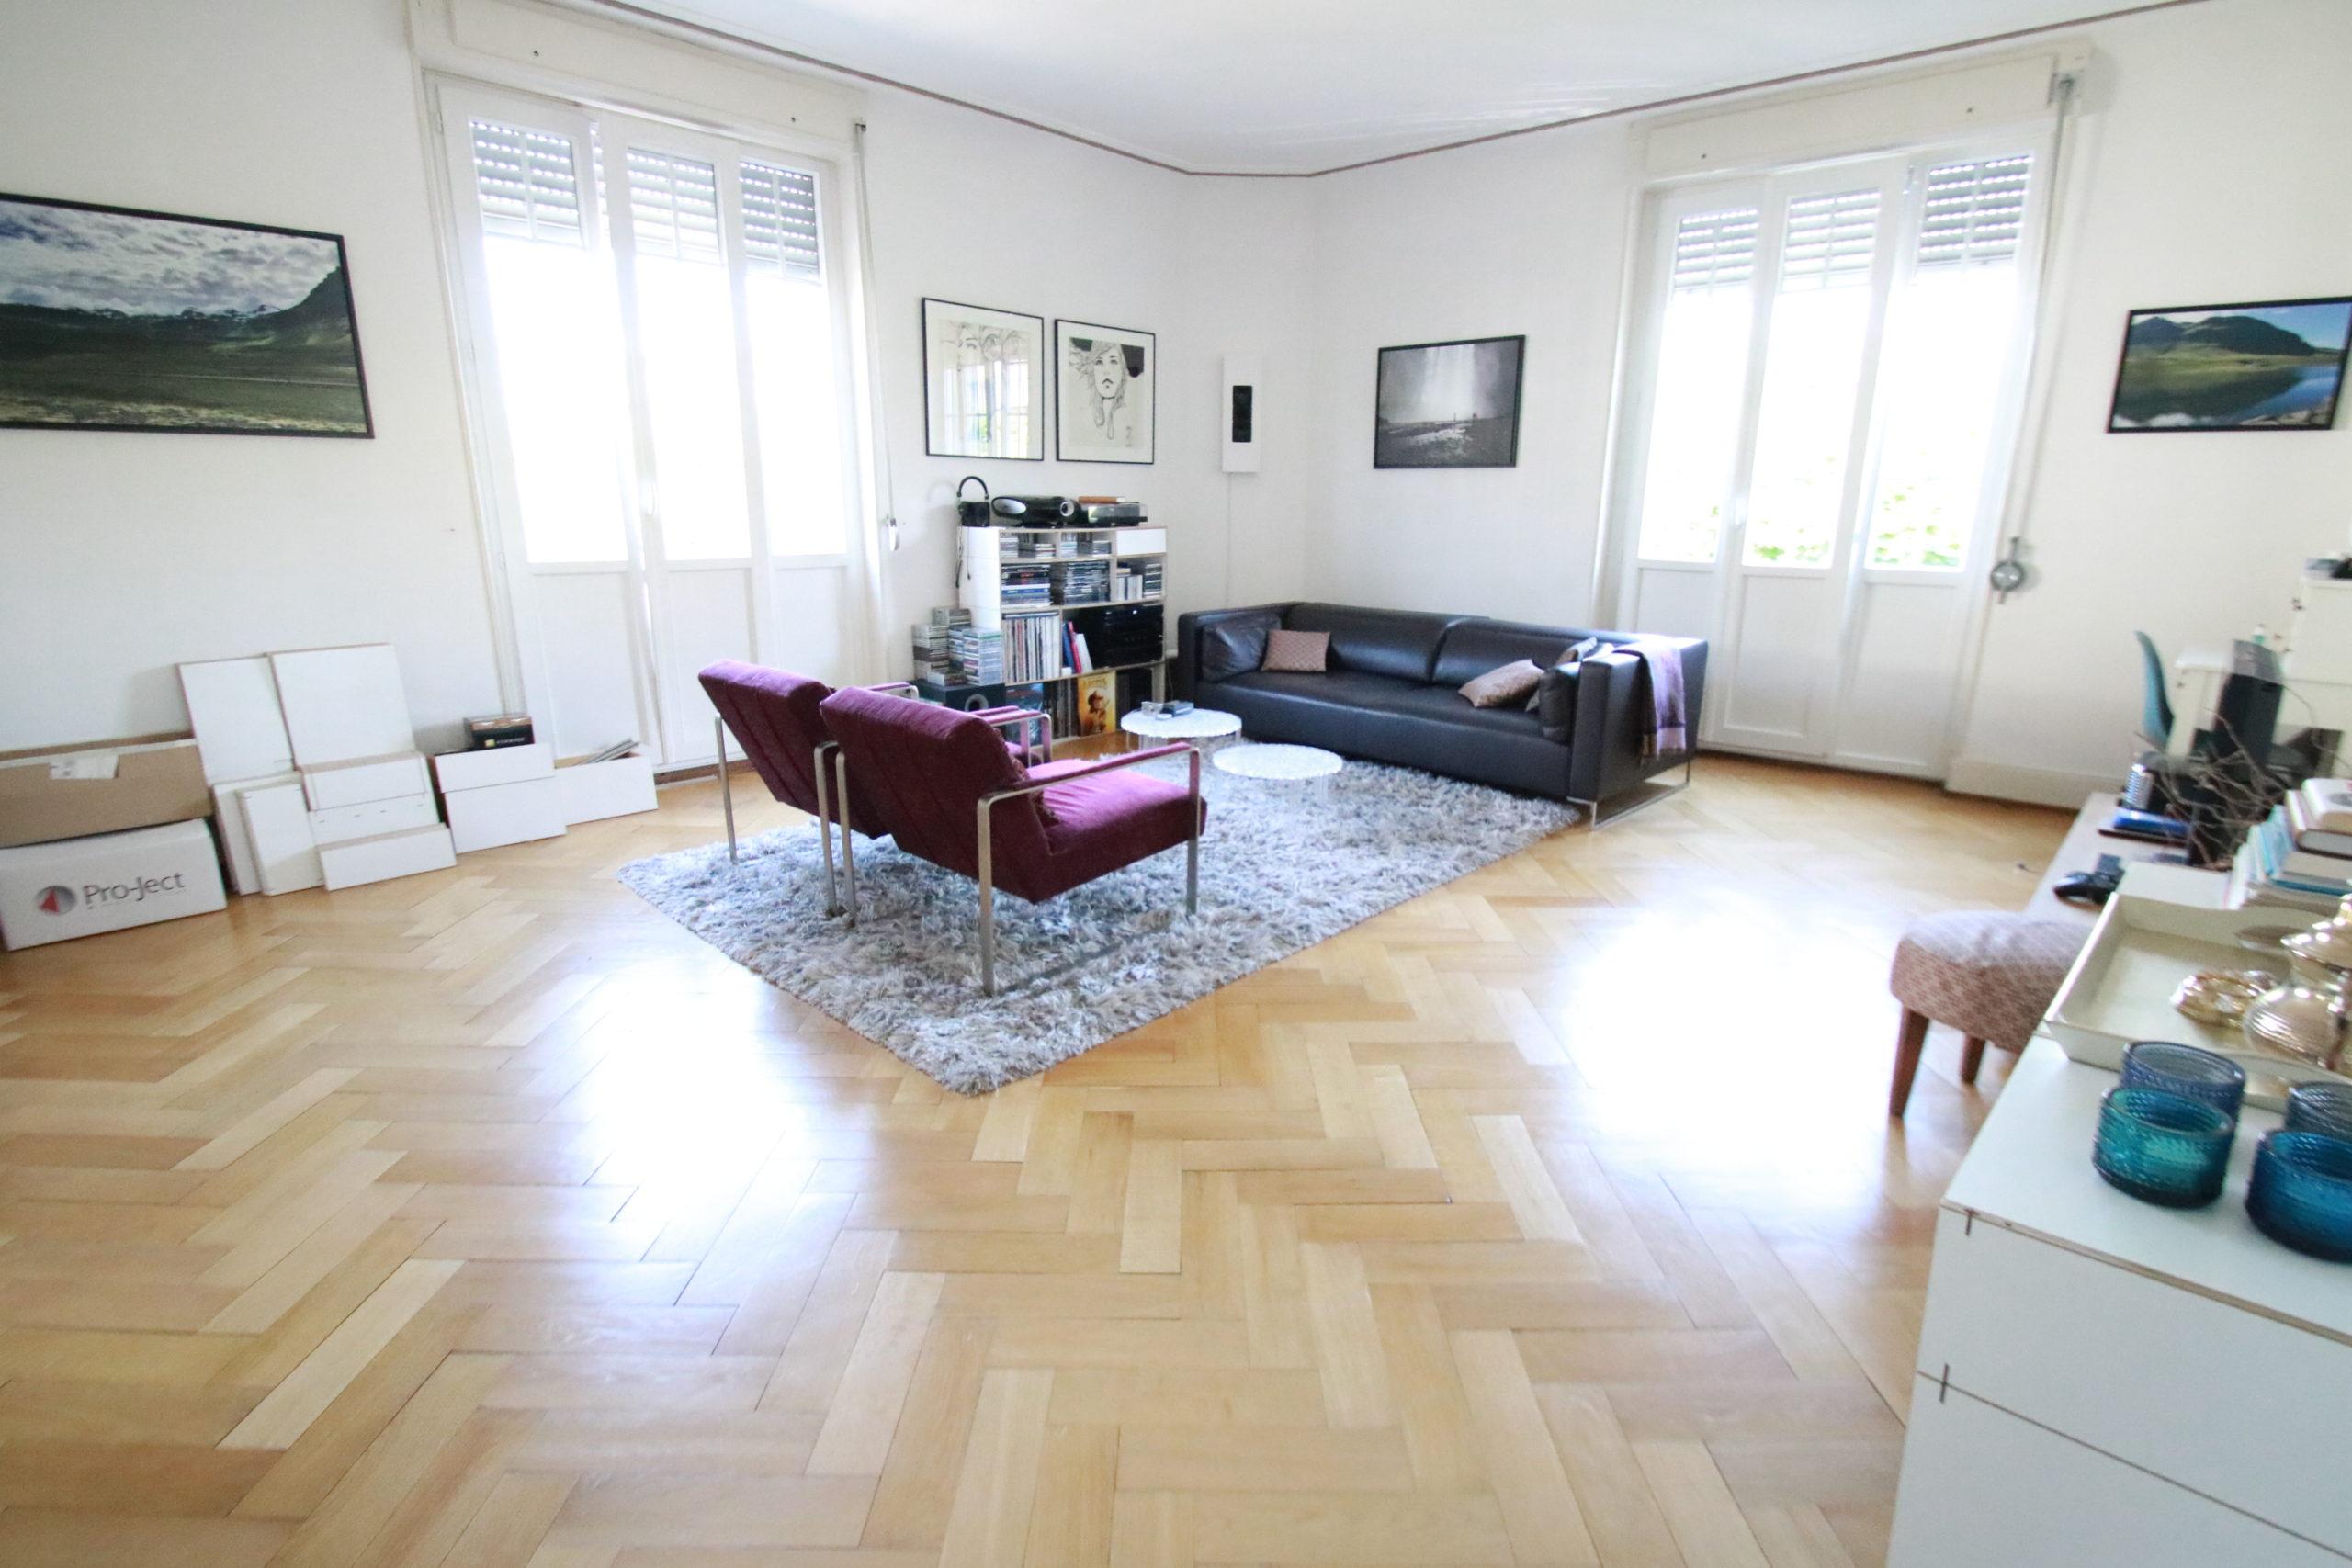 Quartier ORANGERIE, Appartement de standing de 196 m², 2è étage avec ascenseur et garage.